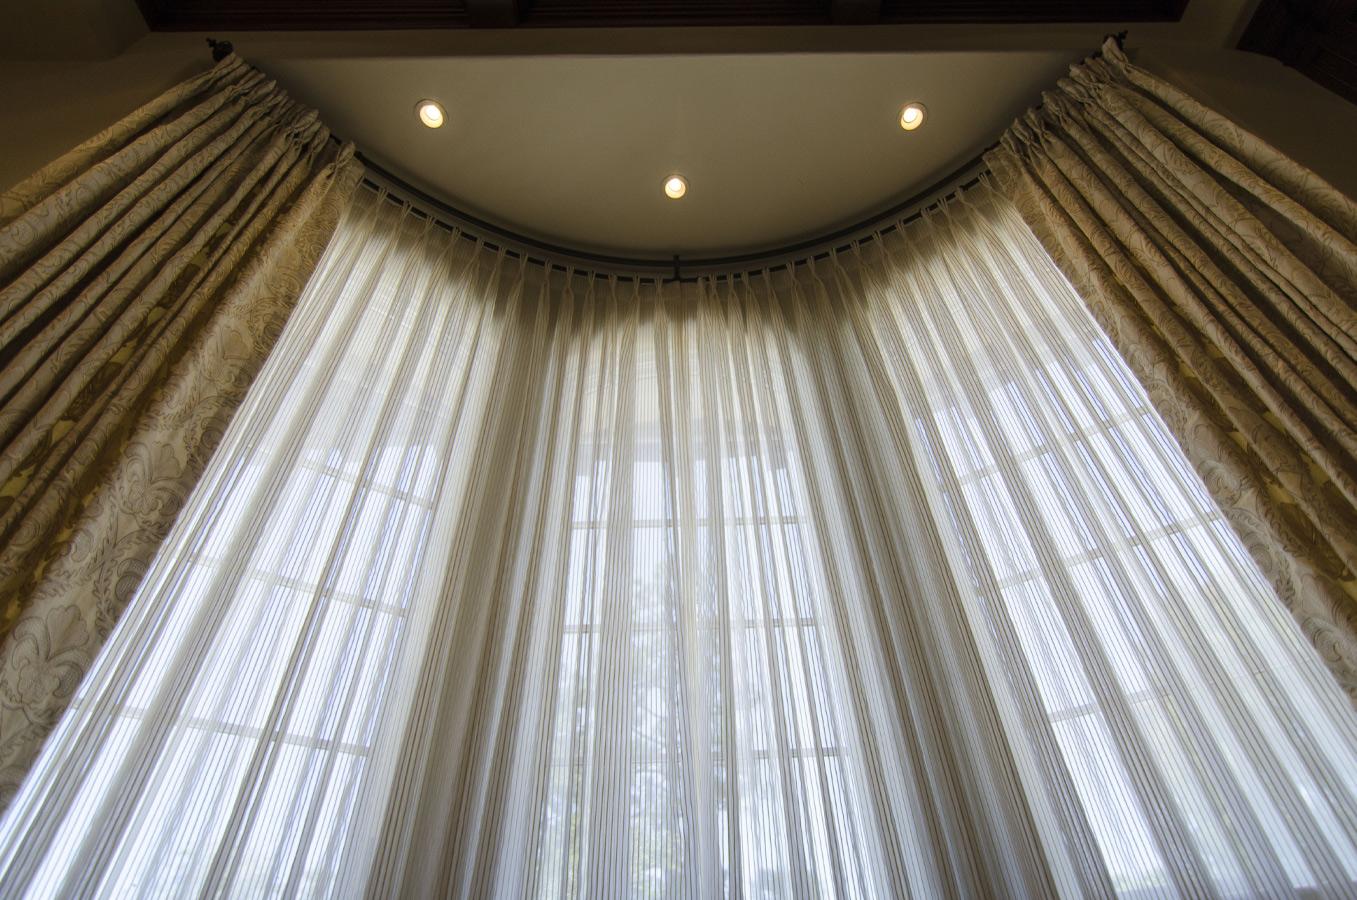 Cotton Vs Linen Curtains: Drapes Vs. Curtains